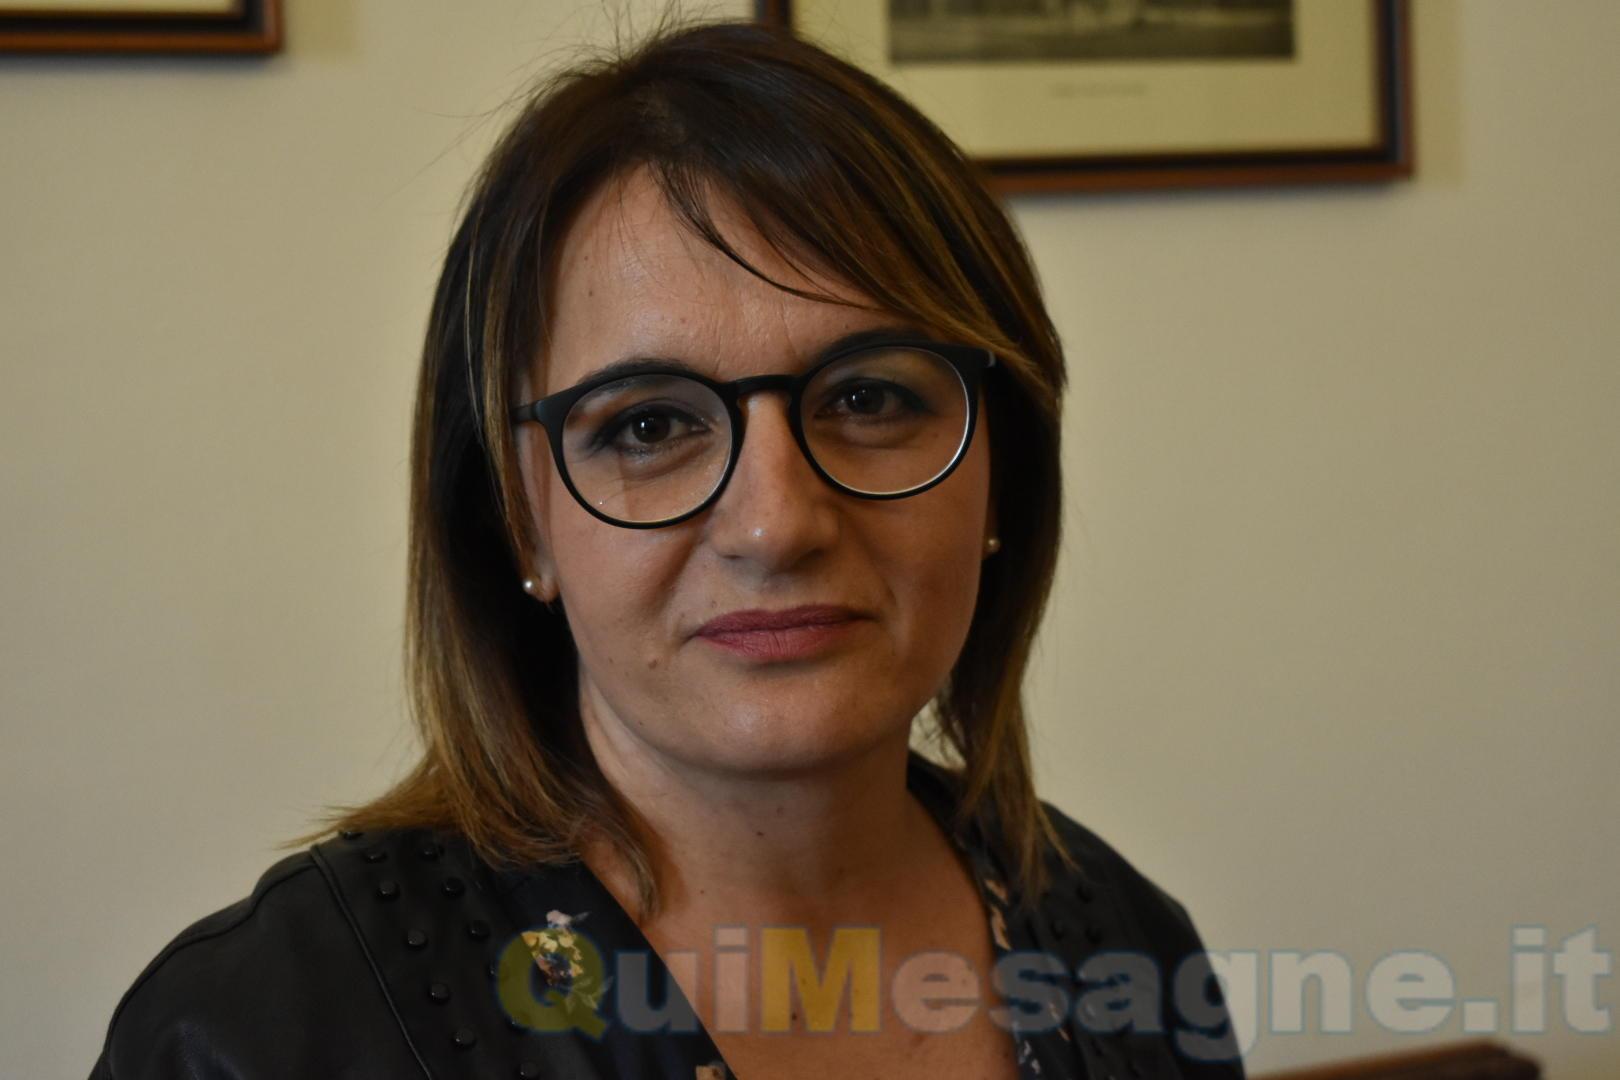 """25 novembre, Giornata contro la violenza sulle donne. L'assessore Saracino: """"Esponiamo tutti un nastro rosso"""""""